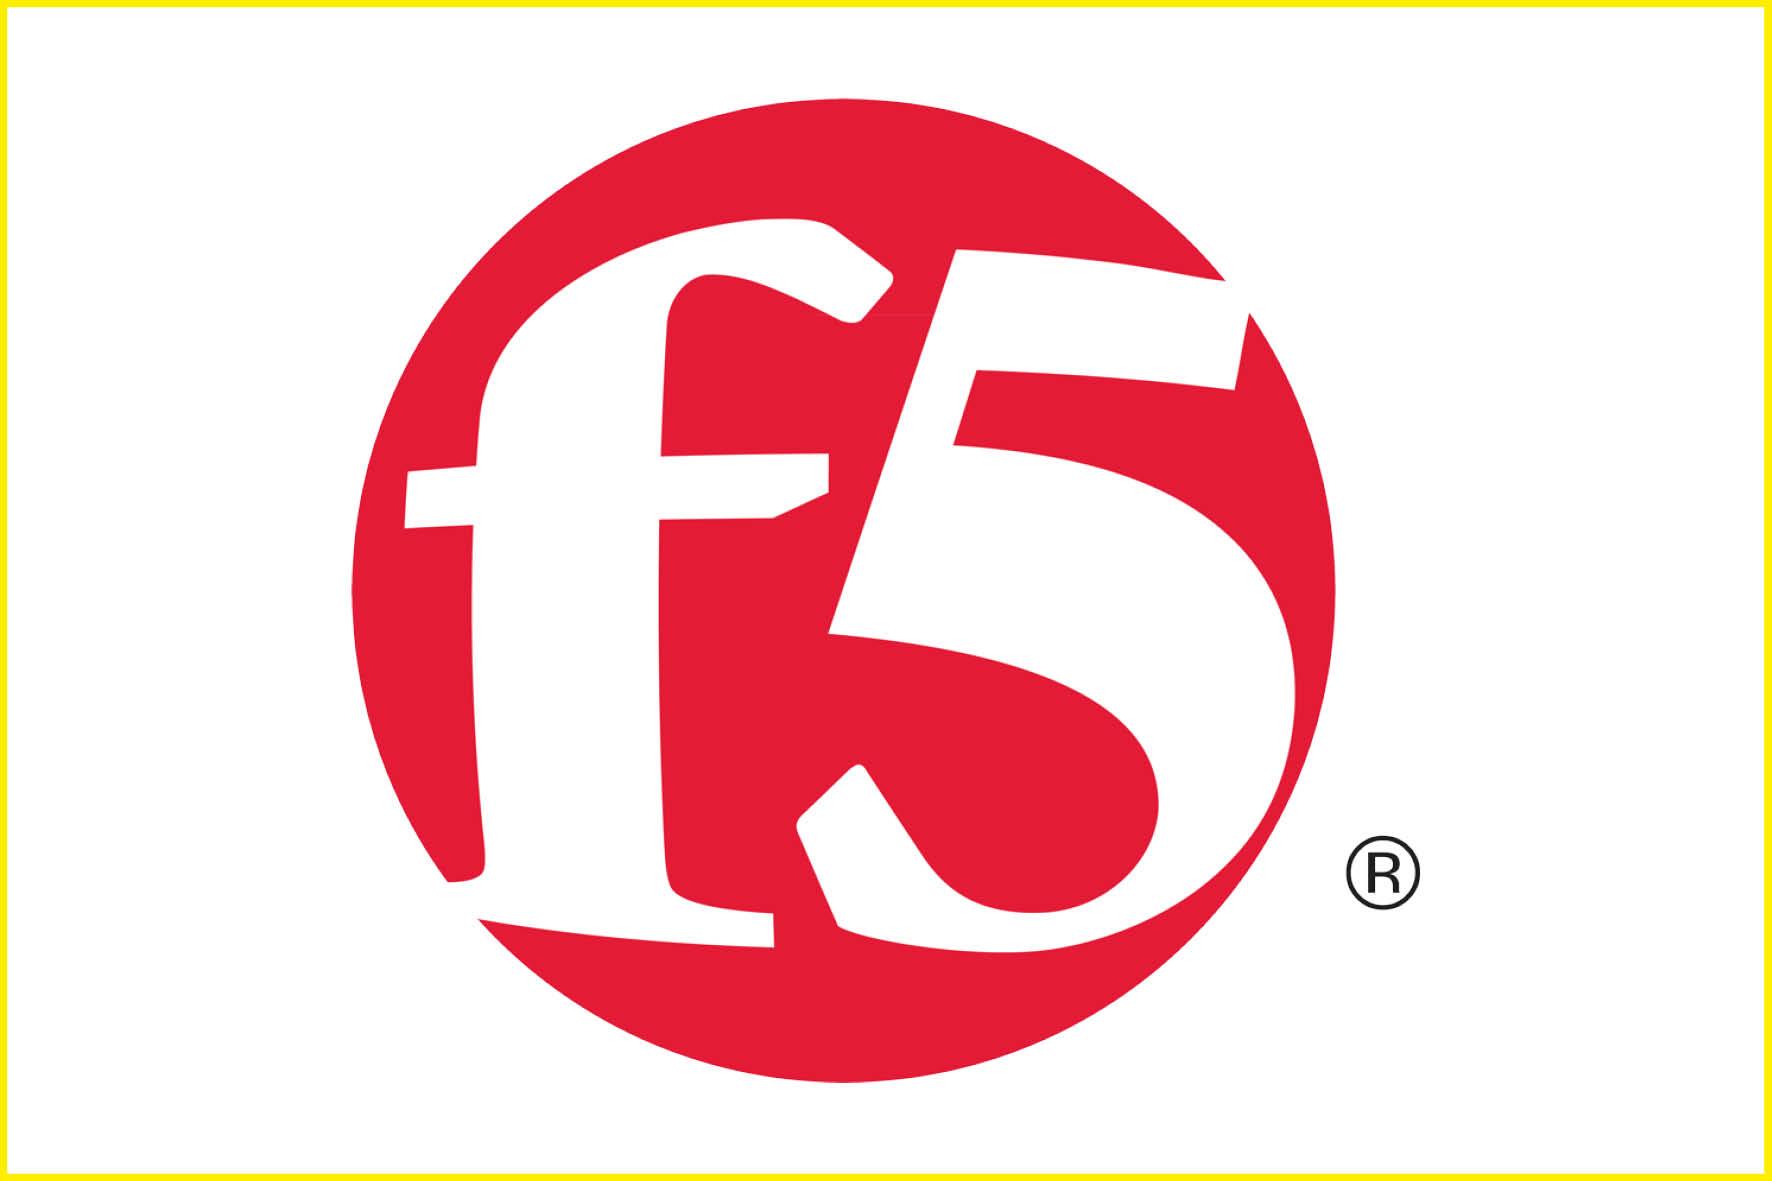 mark-com-event-f5-logo